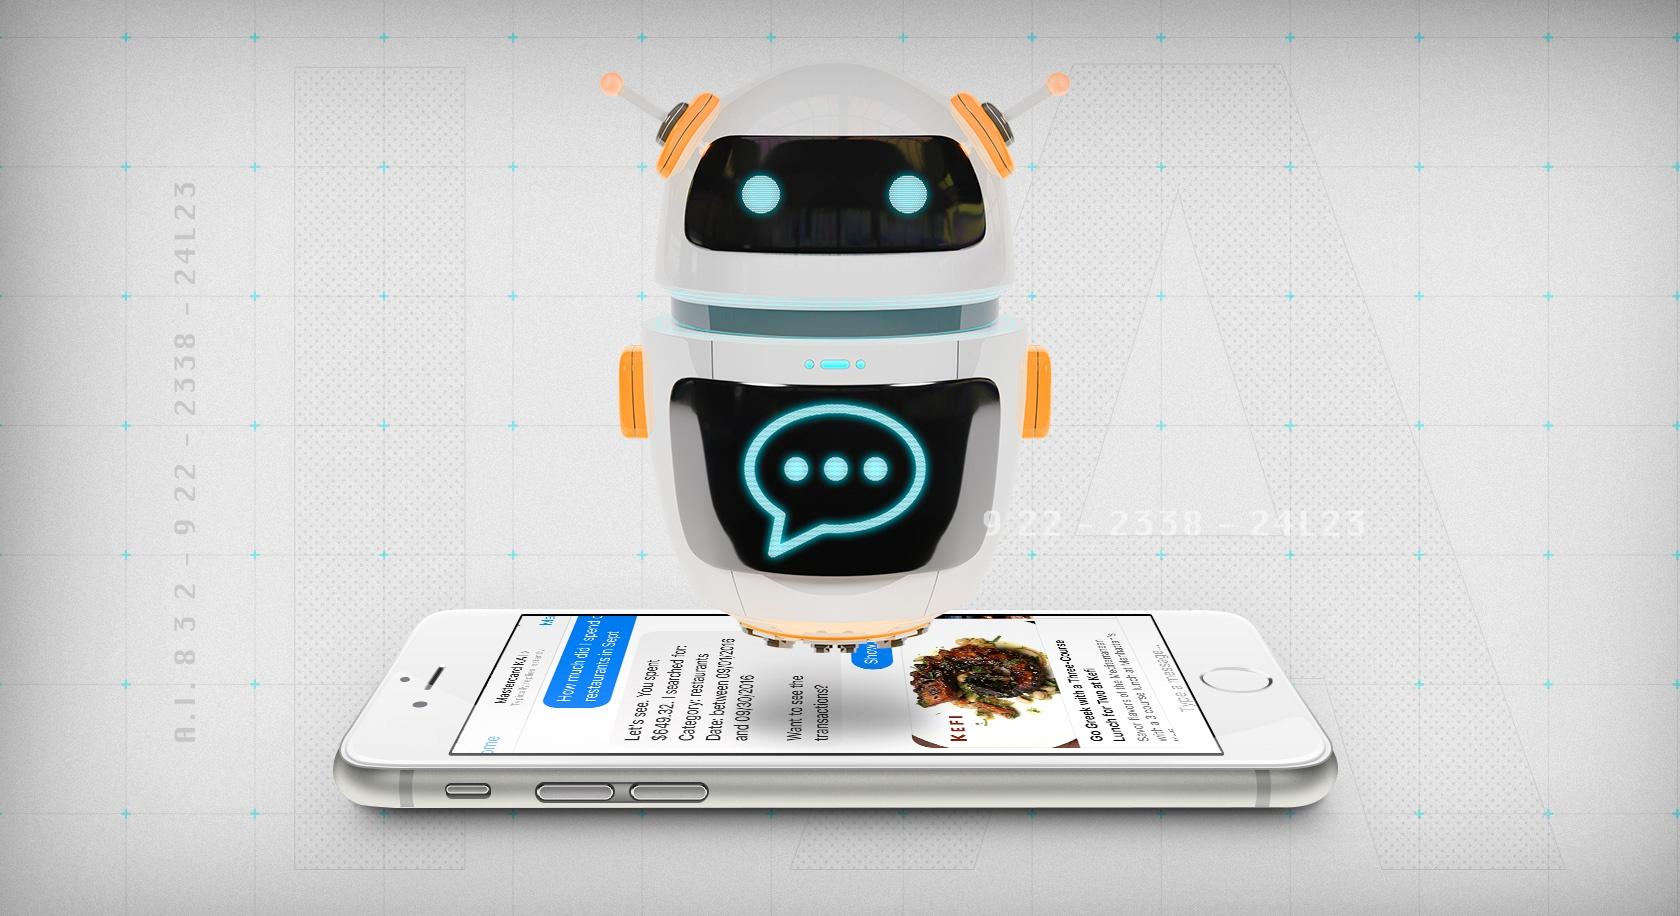 Inteligencia artificial en celular